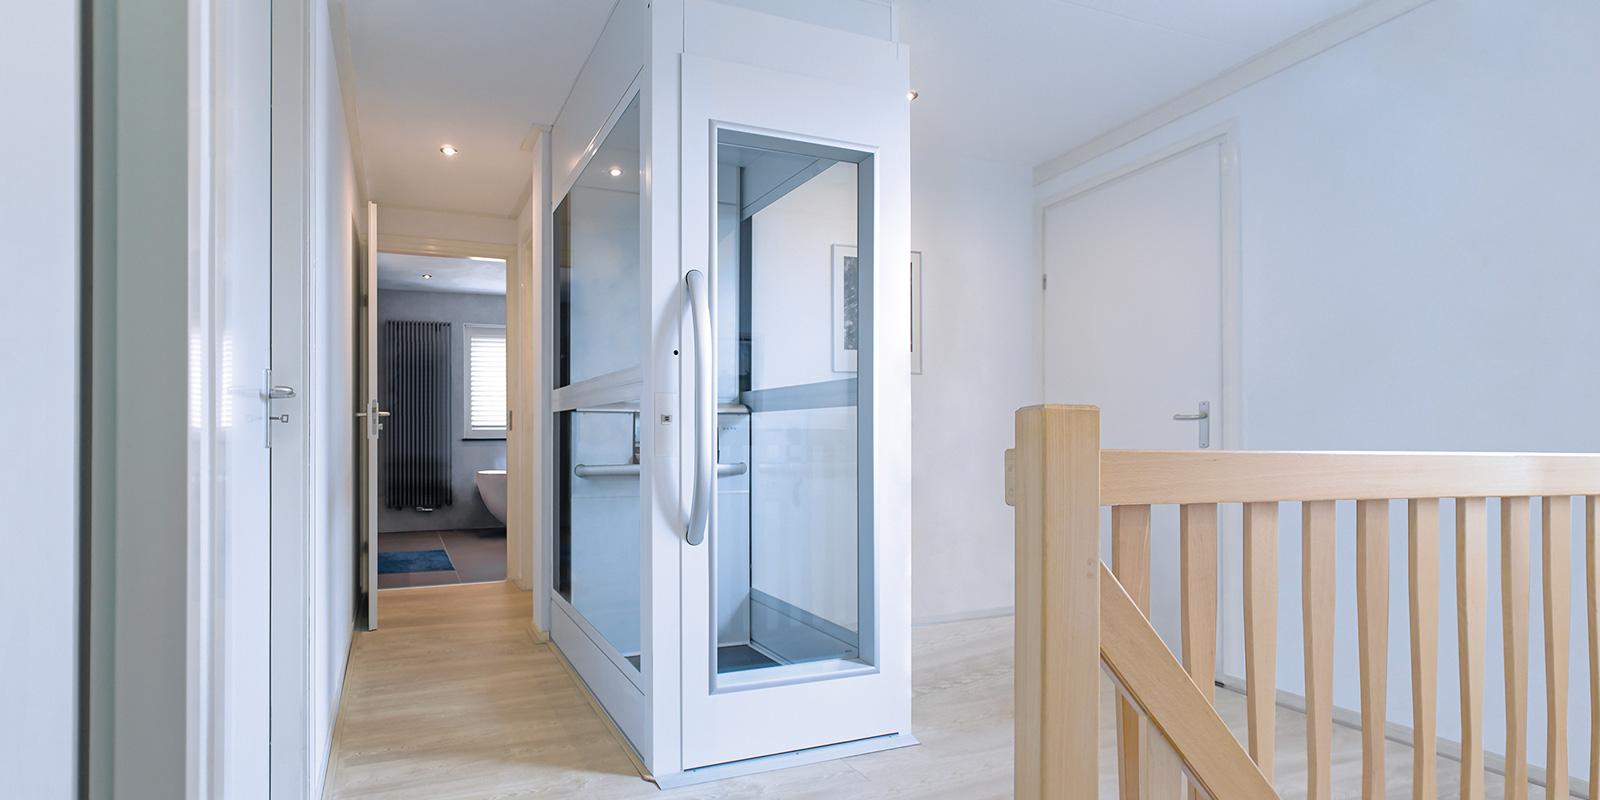 Compacte, kleine huislift